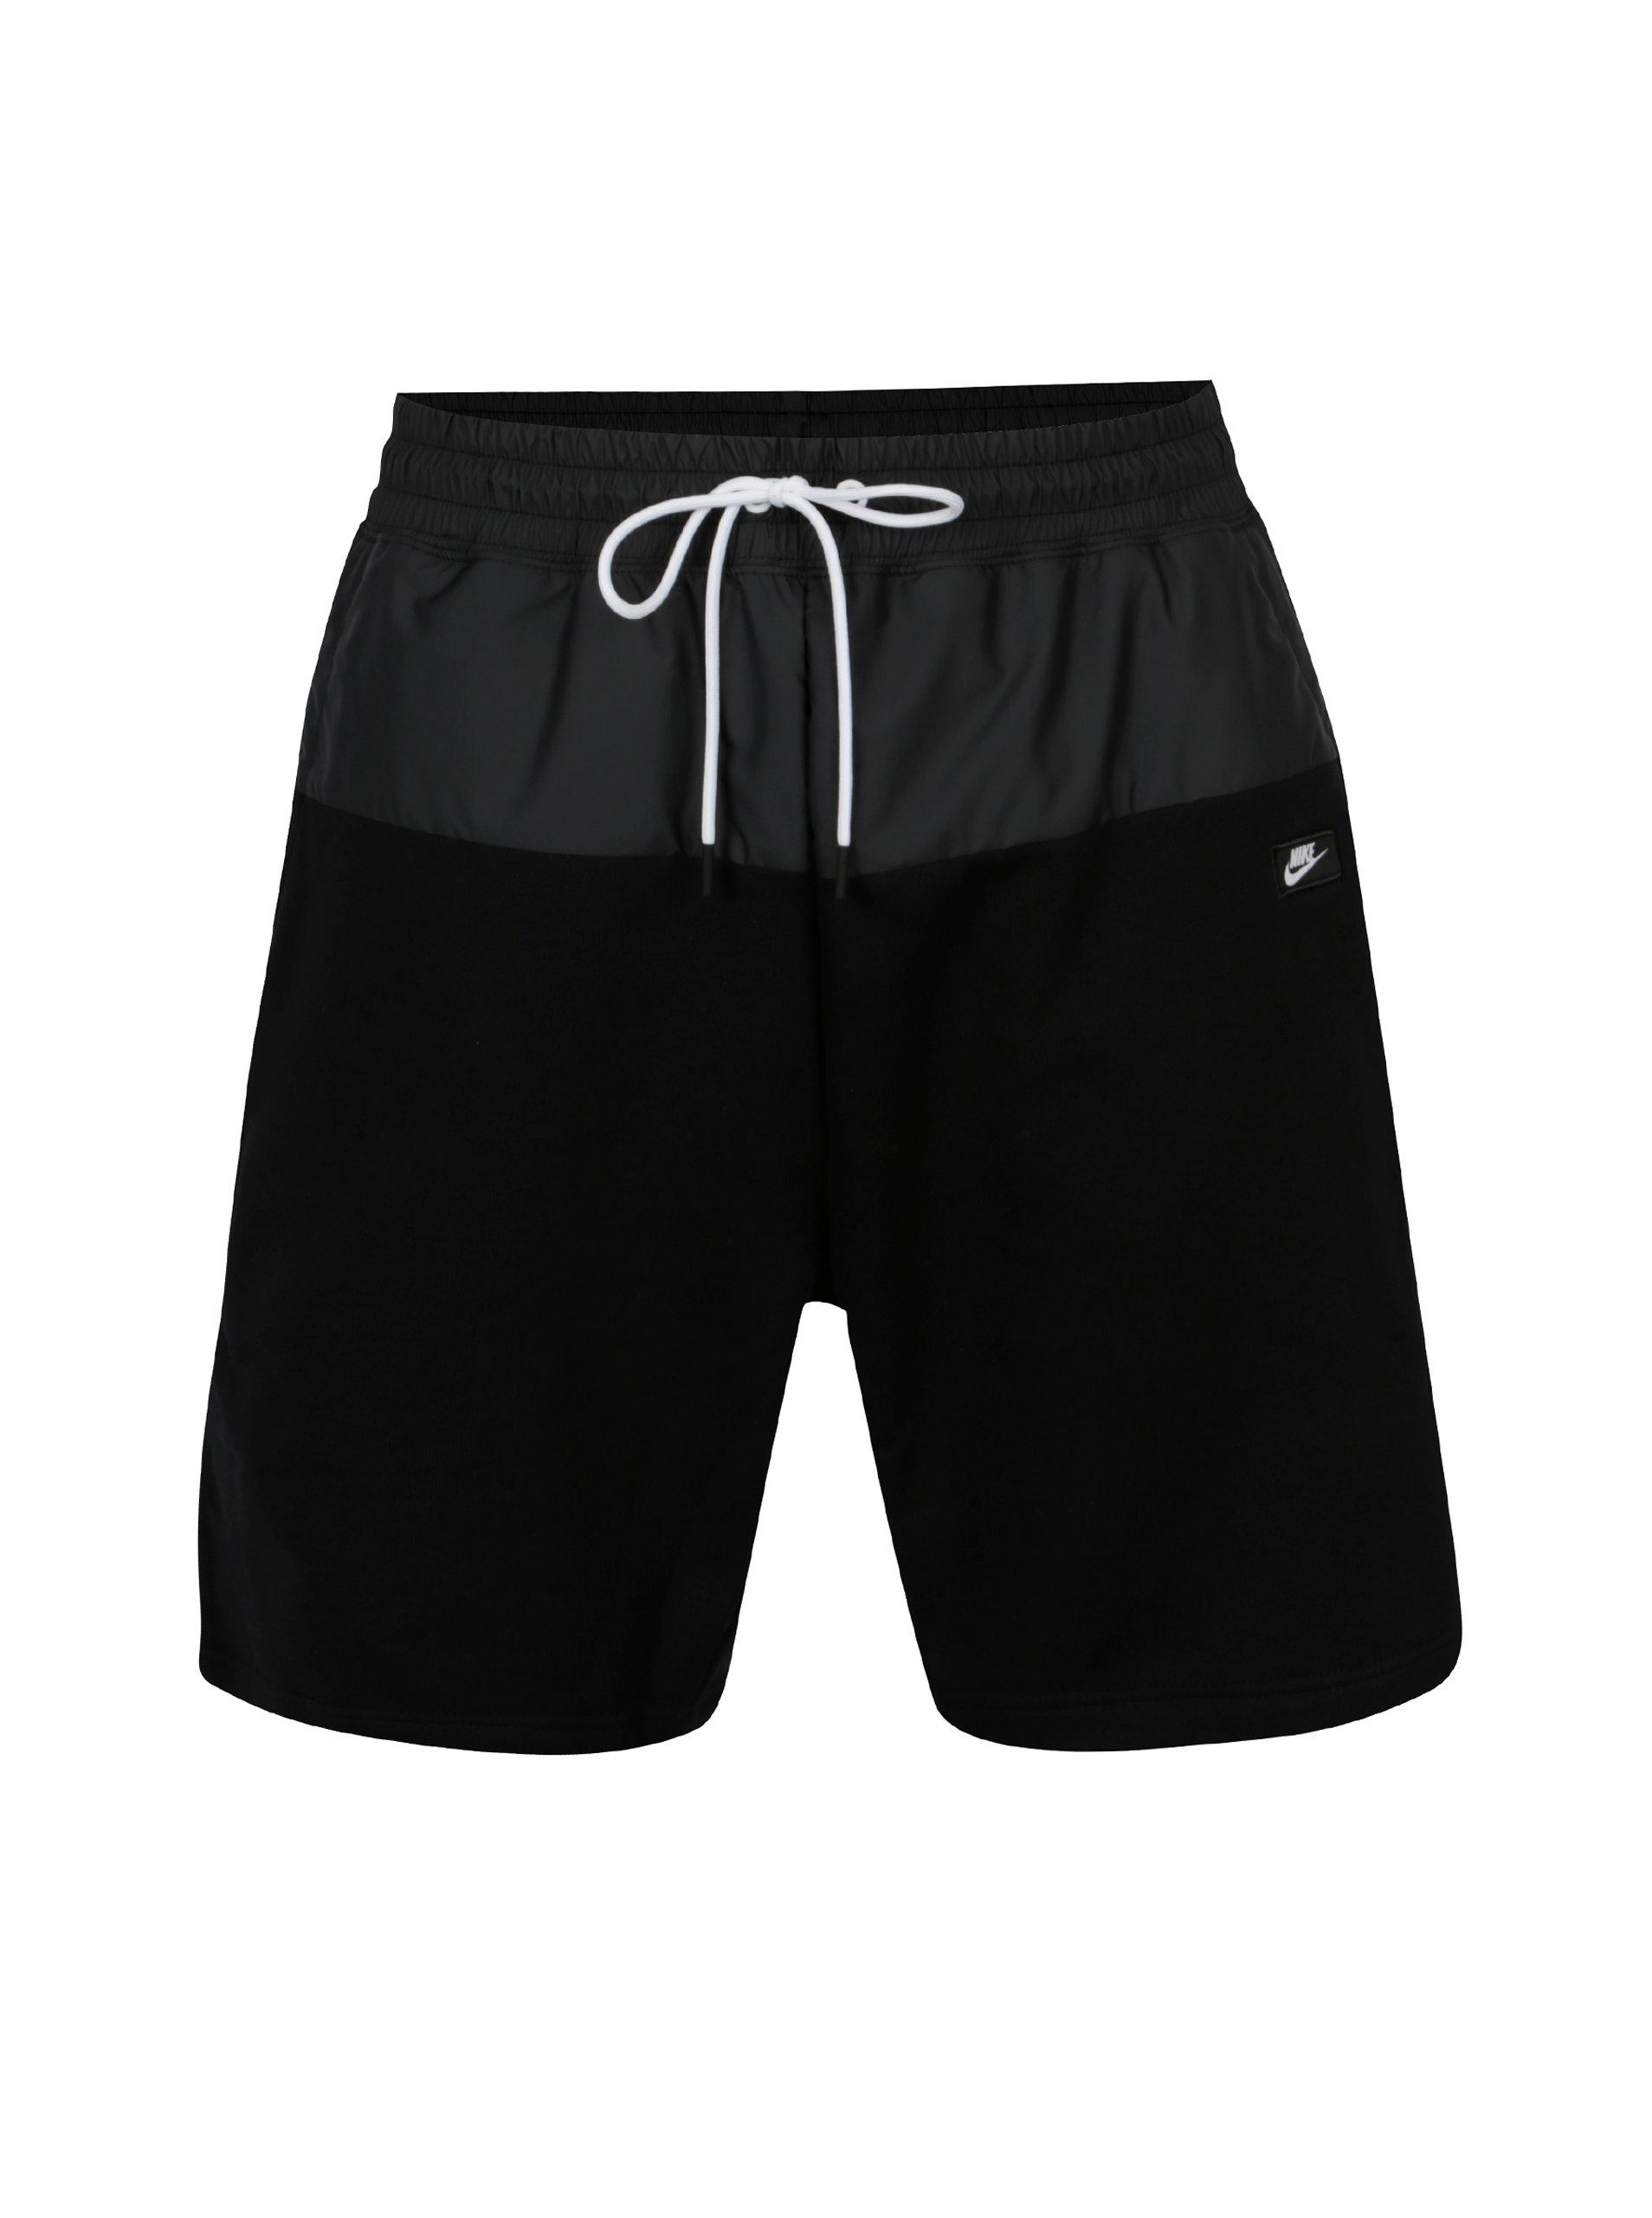 Černé pánské kraťasy s pružným pasem Nike ... 772b9e2706